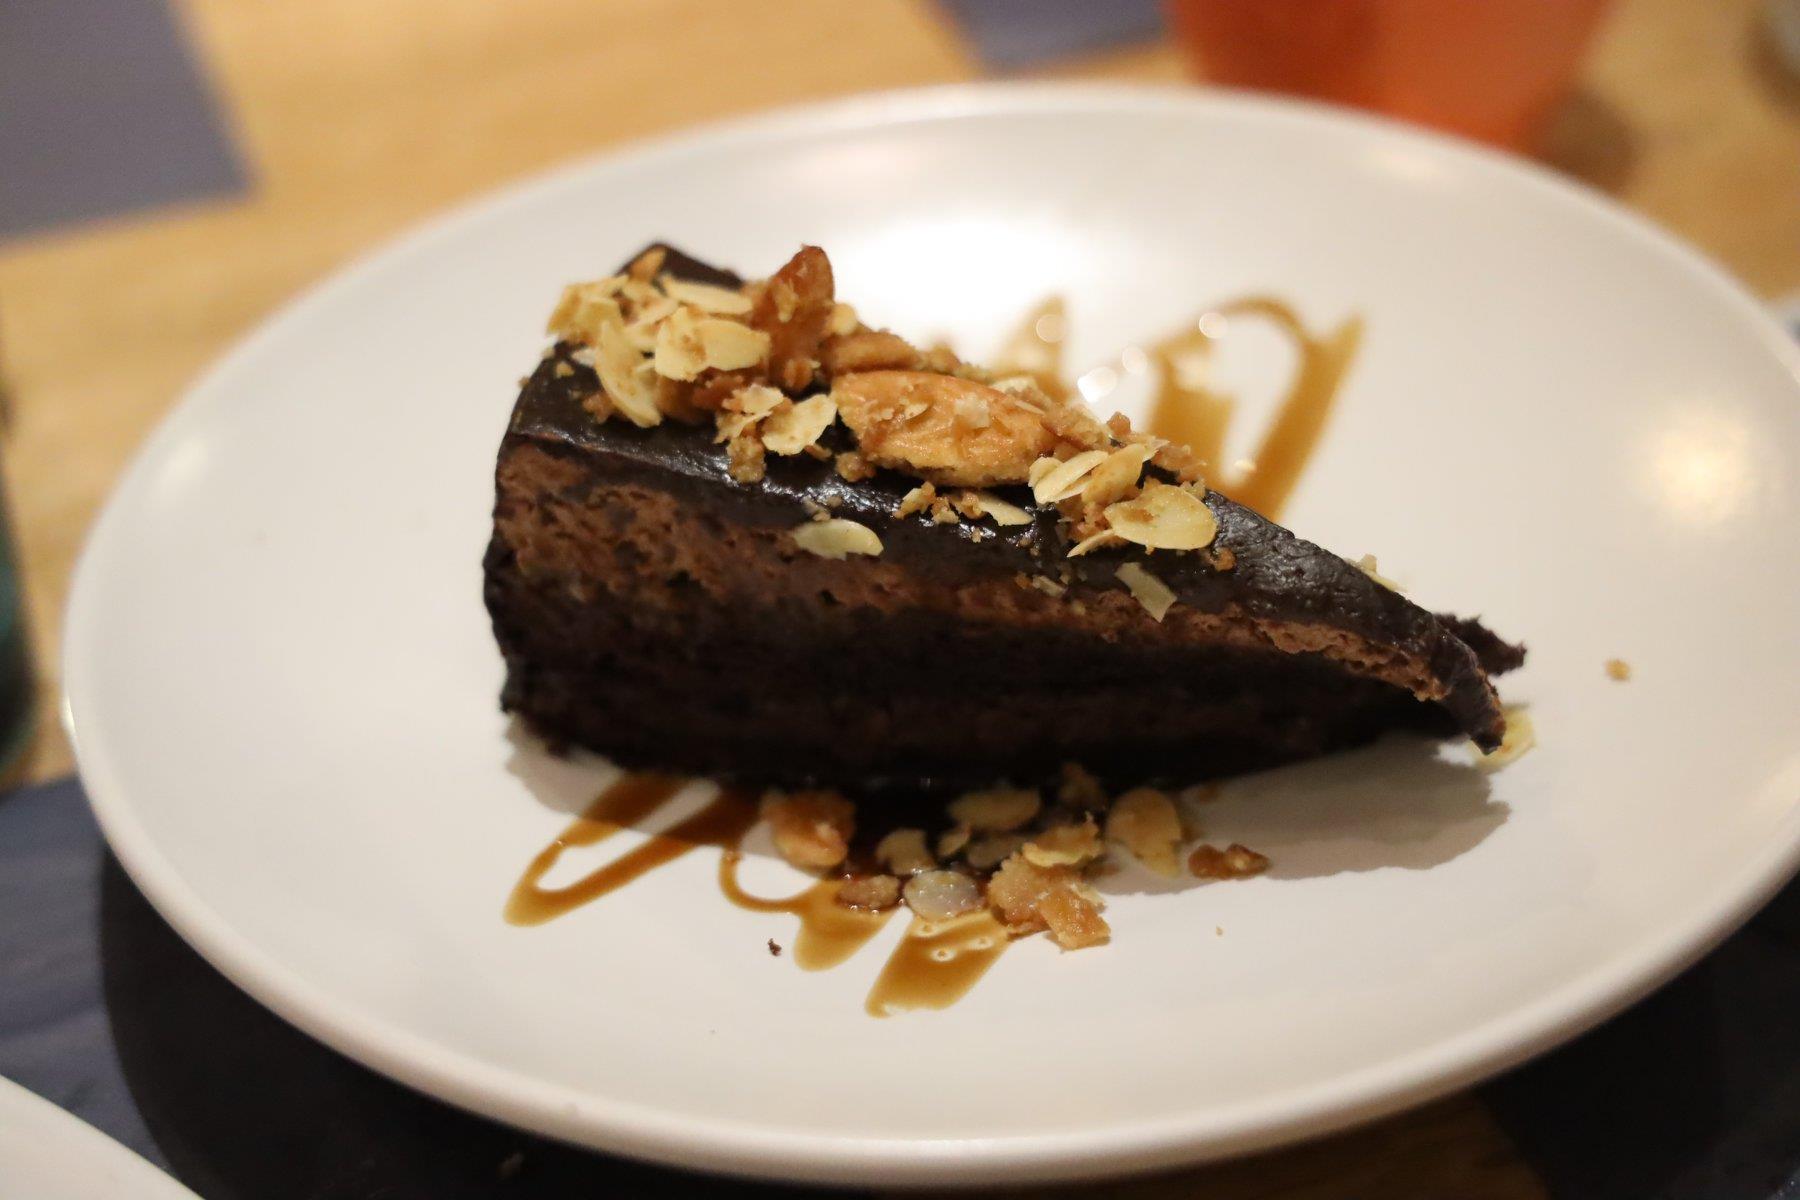 celebrar san valentin 2 - ¿Comer chocolate nos hace sentirnos más enamorados?